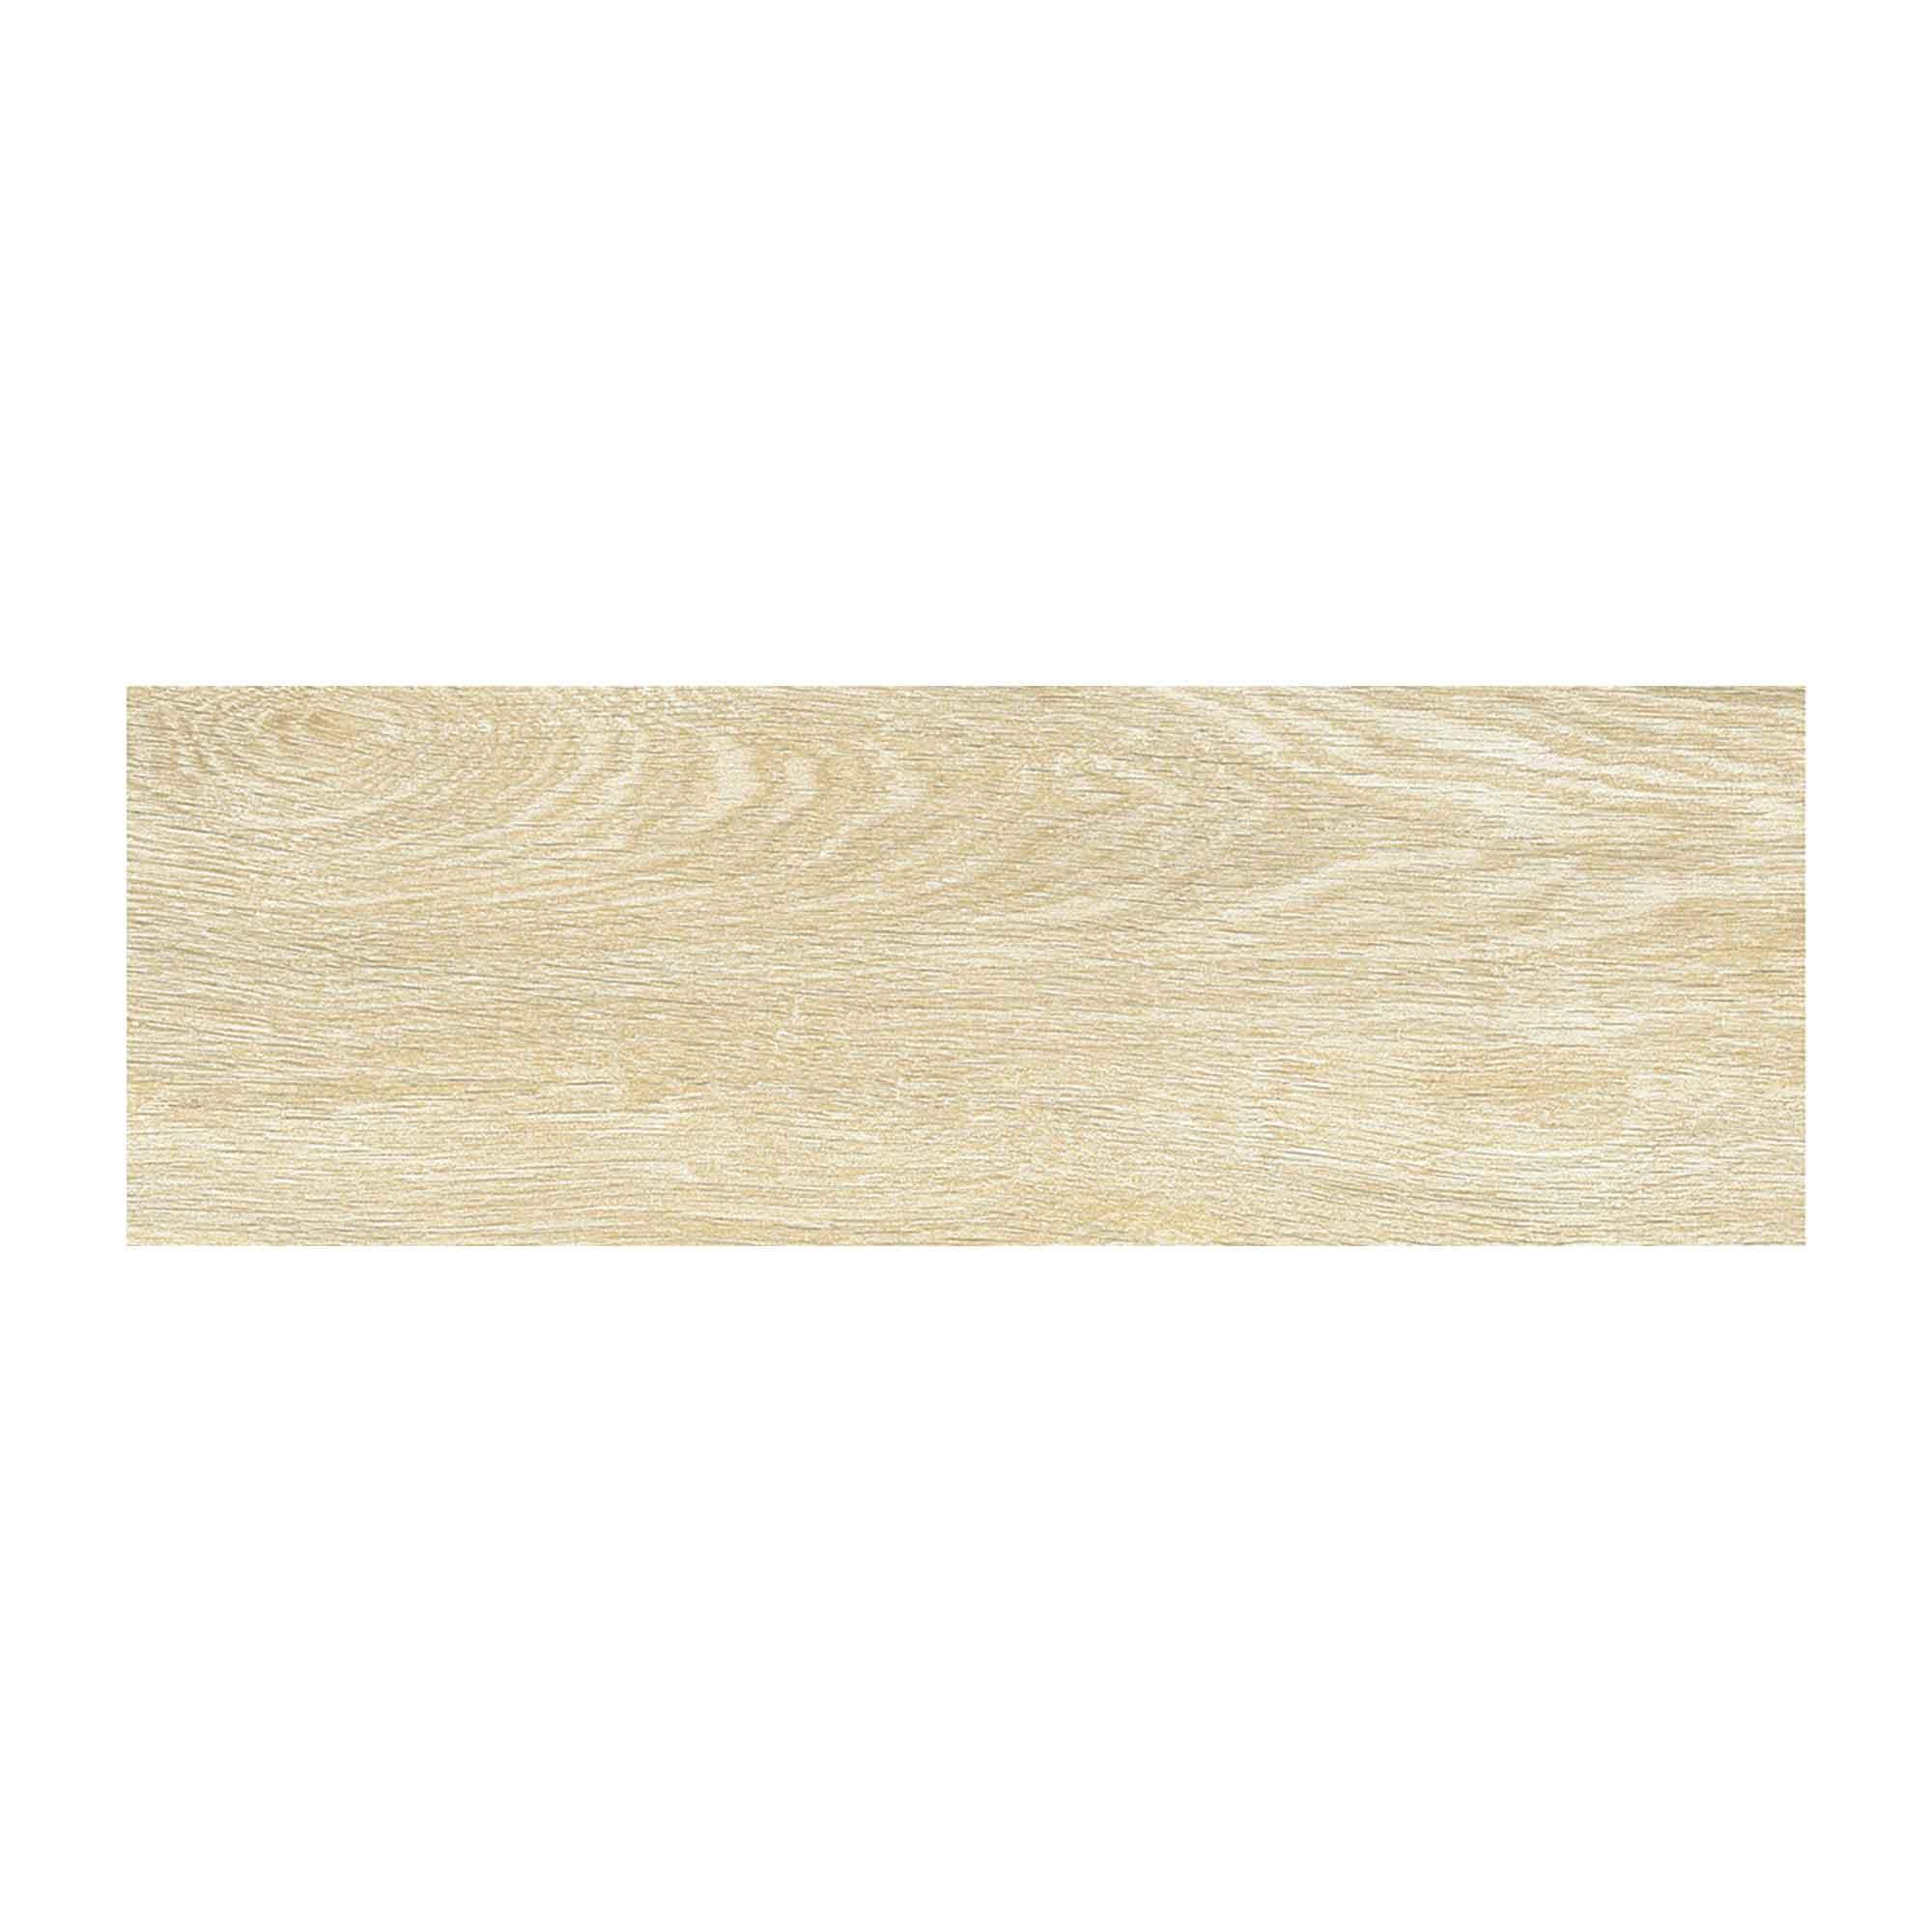 Gresie exterior portelanata Canada, PEI 5, bej deschis, 20 x 60 cm imagine 2021 mathaus